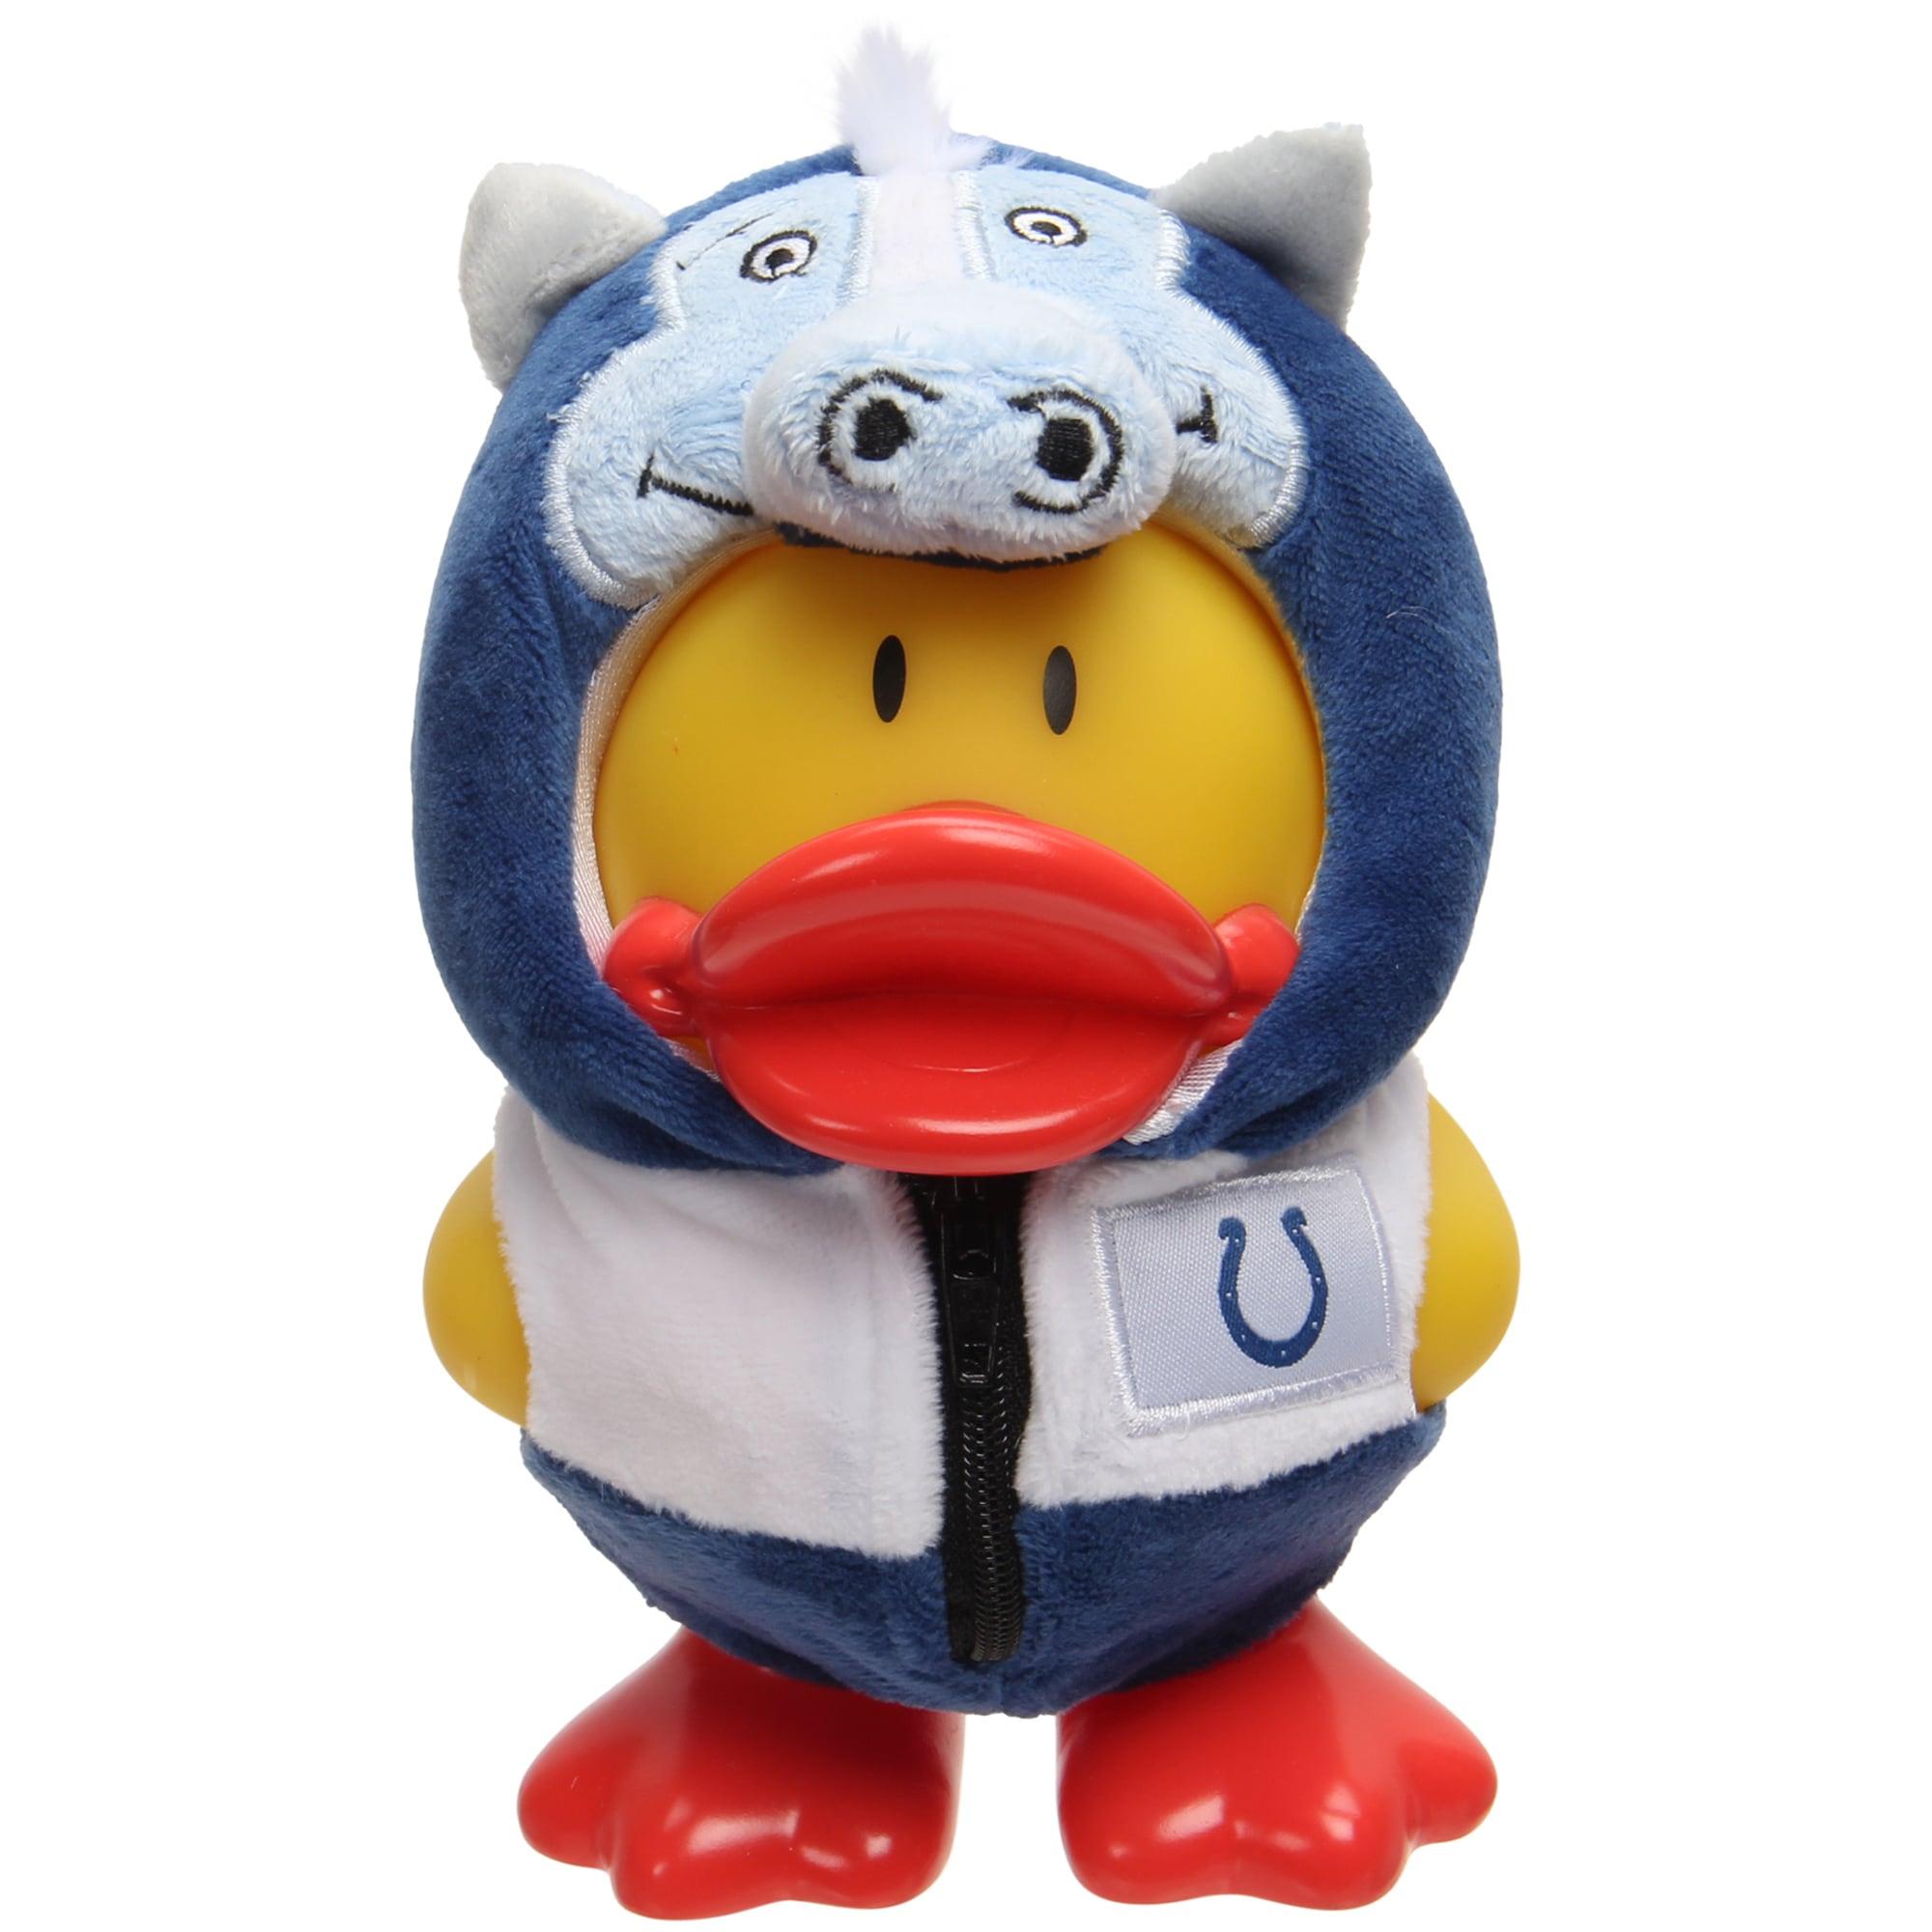 Indianapolis Colts Mascot Duck Bank